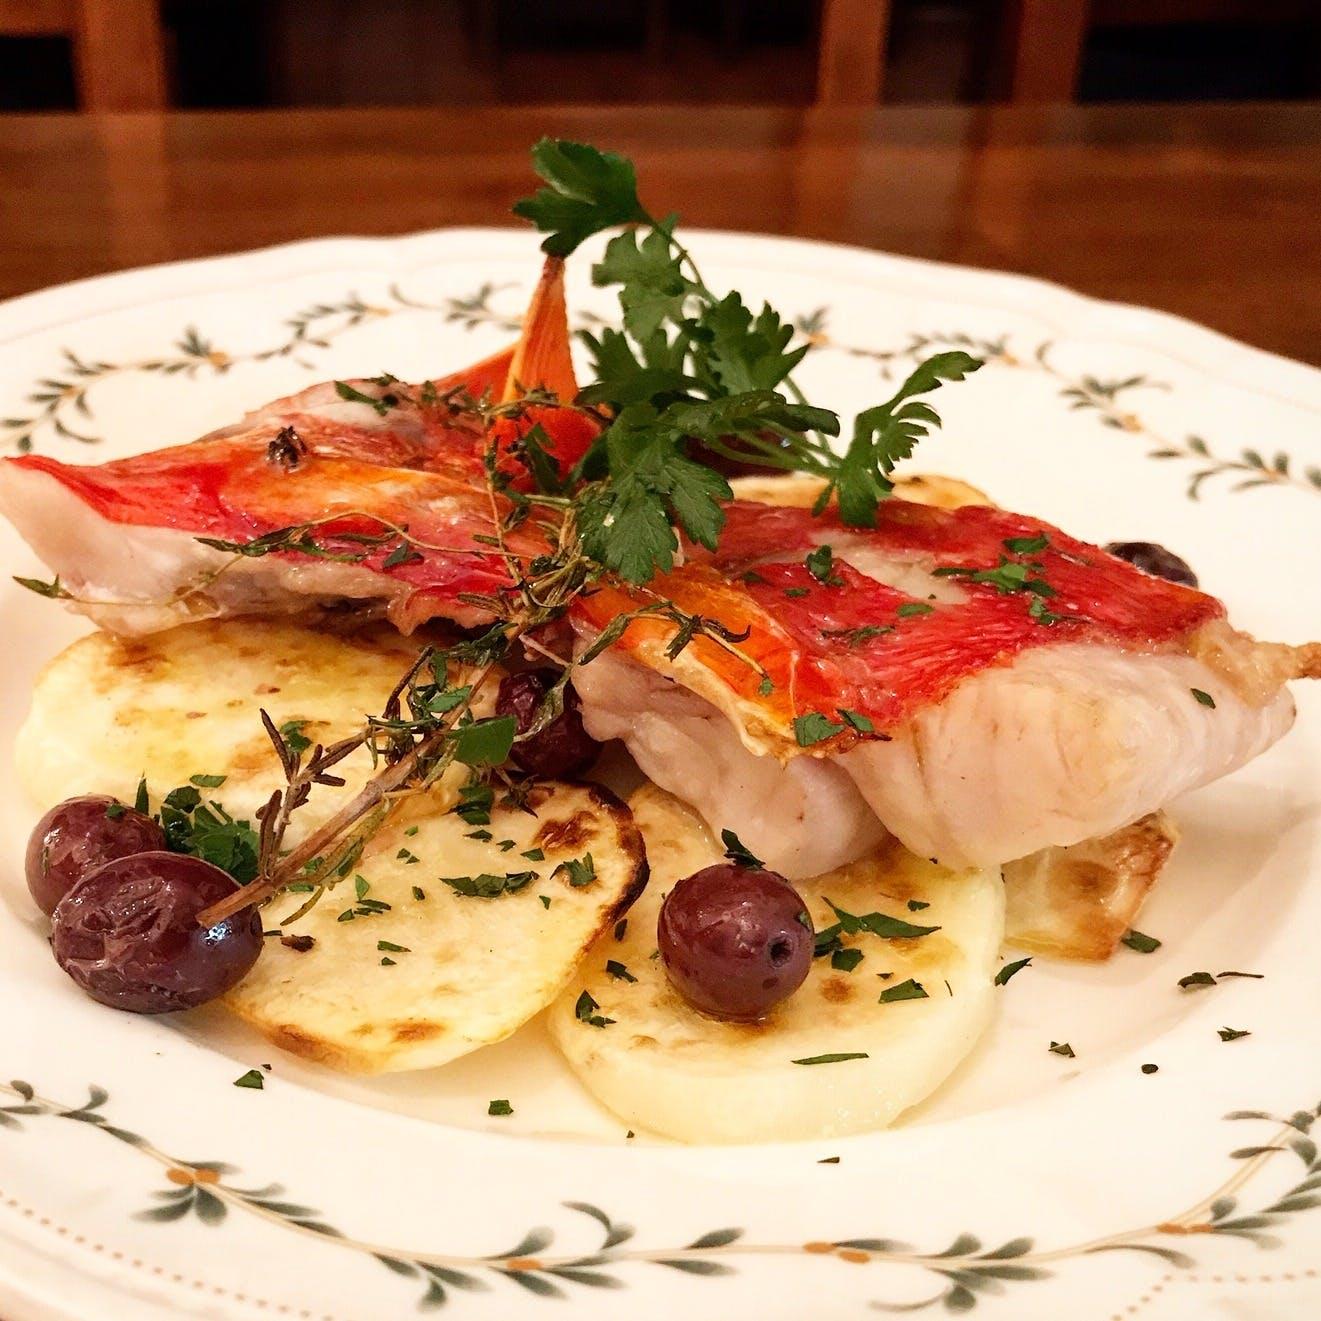 素材の持ち味をシンプルに、南イタリアの食の幸せをお届け